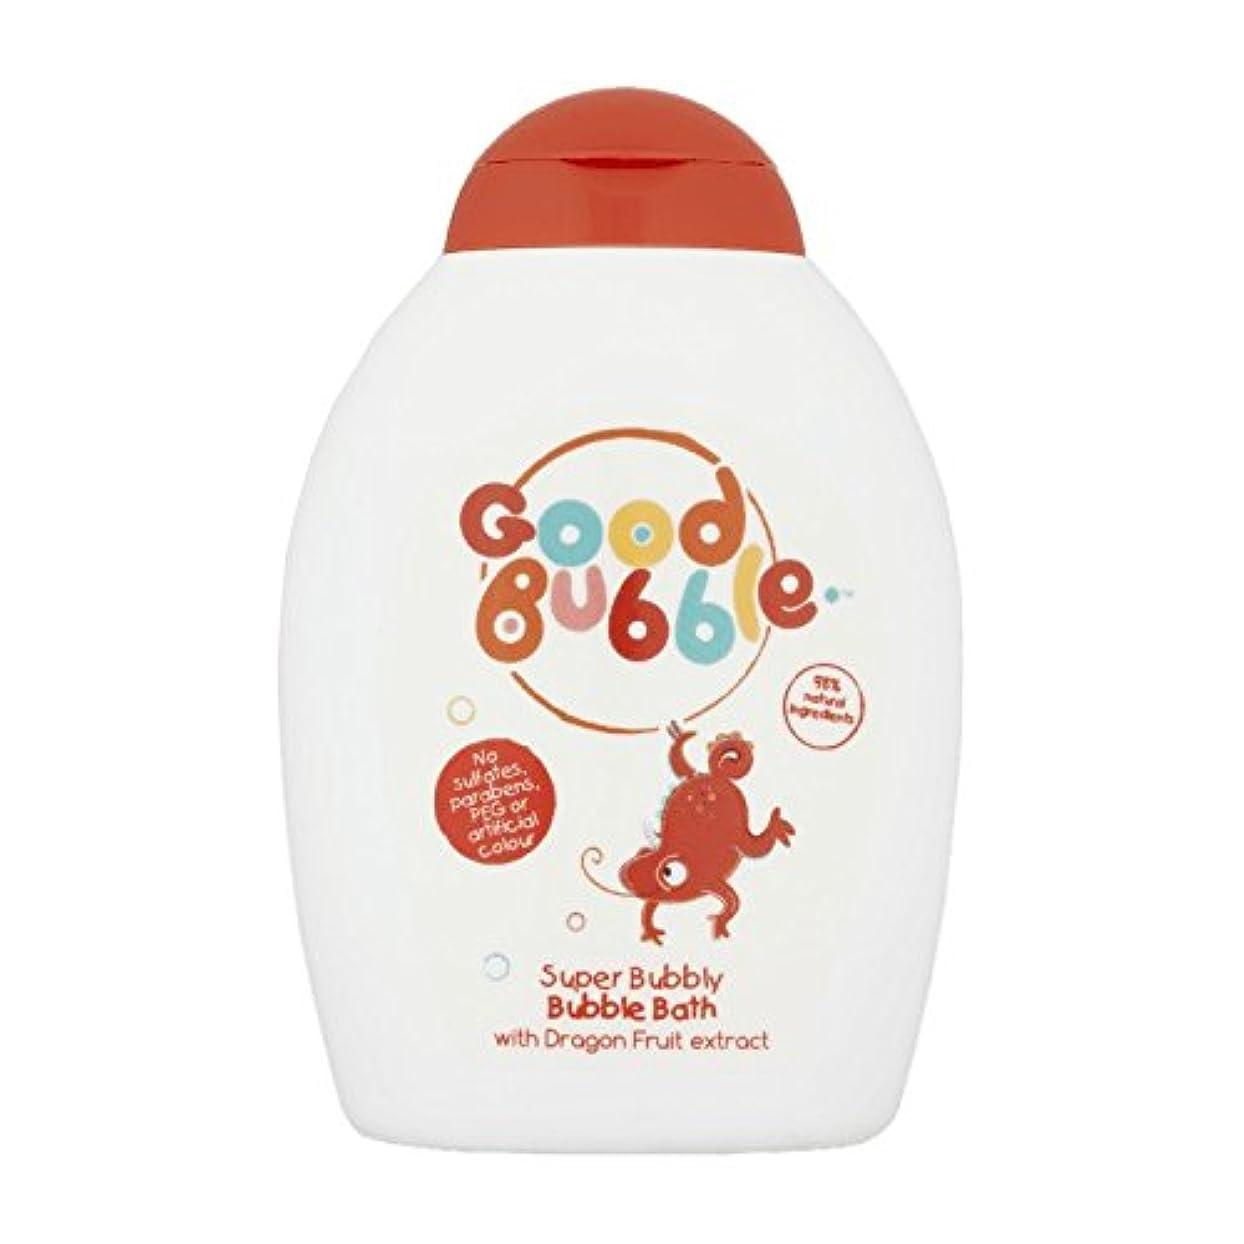 警報完全に心配する良いバブルドラゴンフルーツバブルバス400ミリリットル - Good Bubble Dragon Fruit Bubble Bath 400ml (Good Bubble) [並行輸入品]